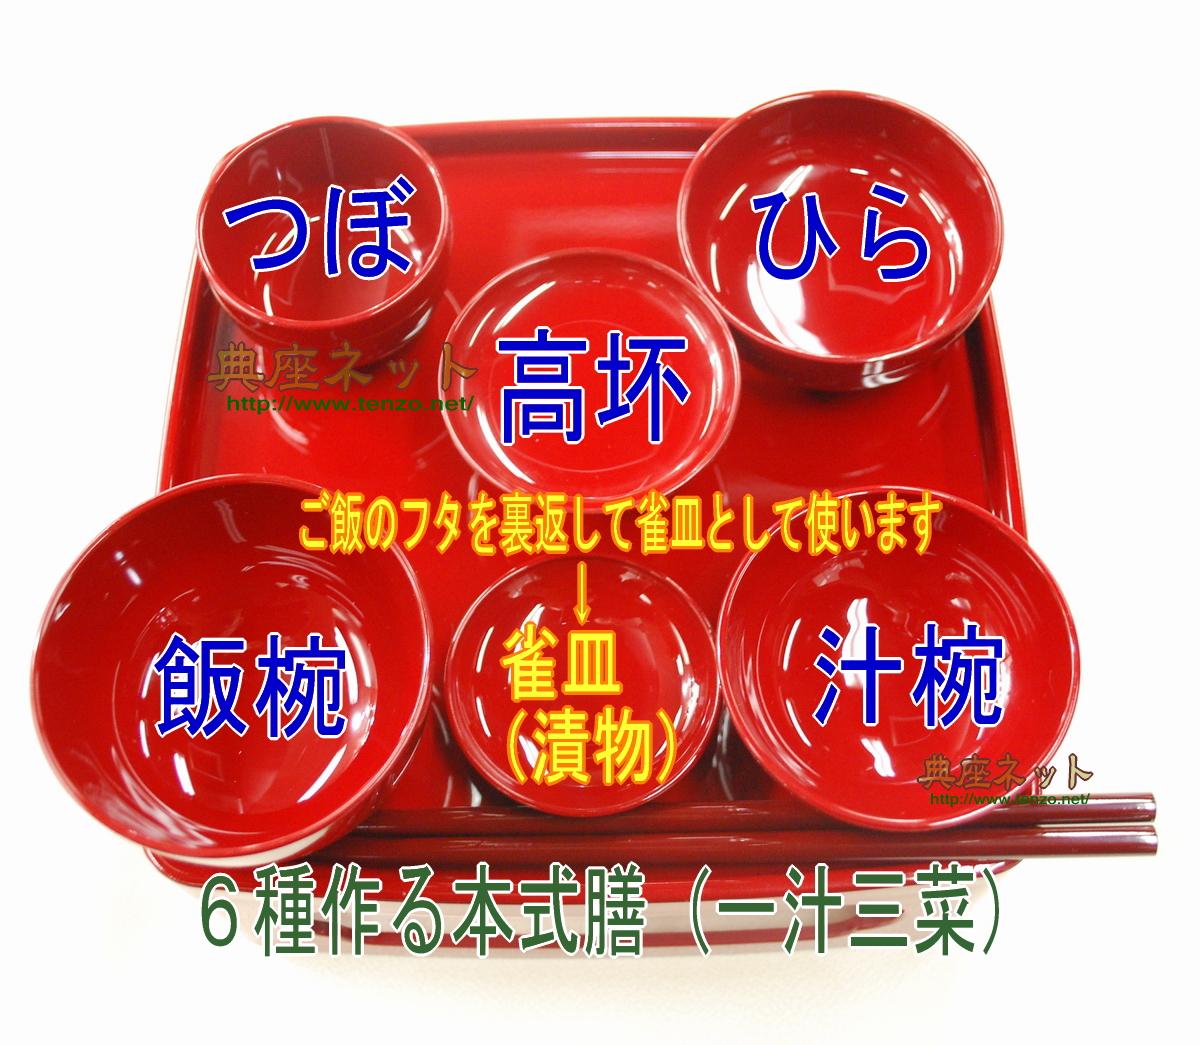 お供え膳の基本知識_配置方法_一汁三菜(おもてなし式)